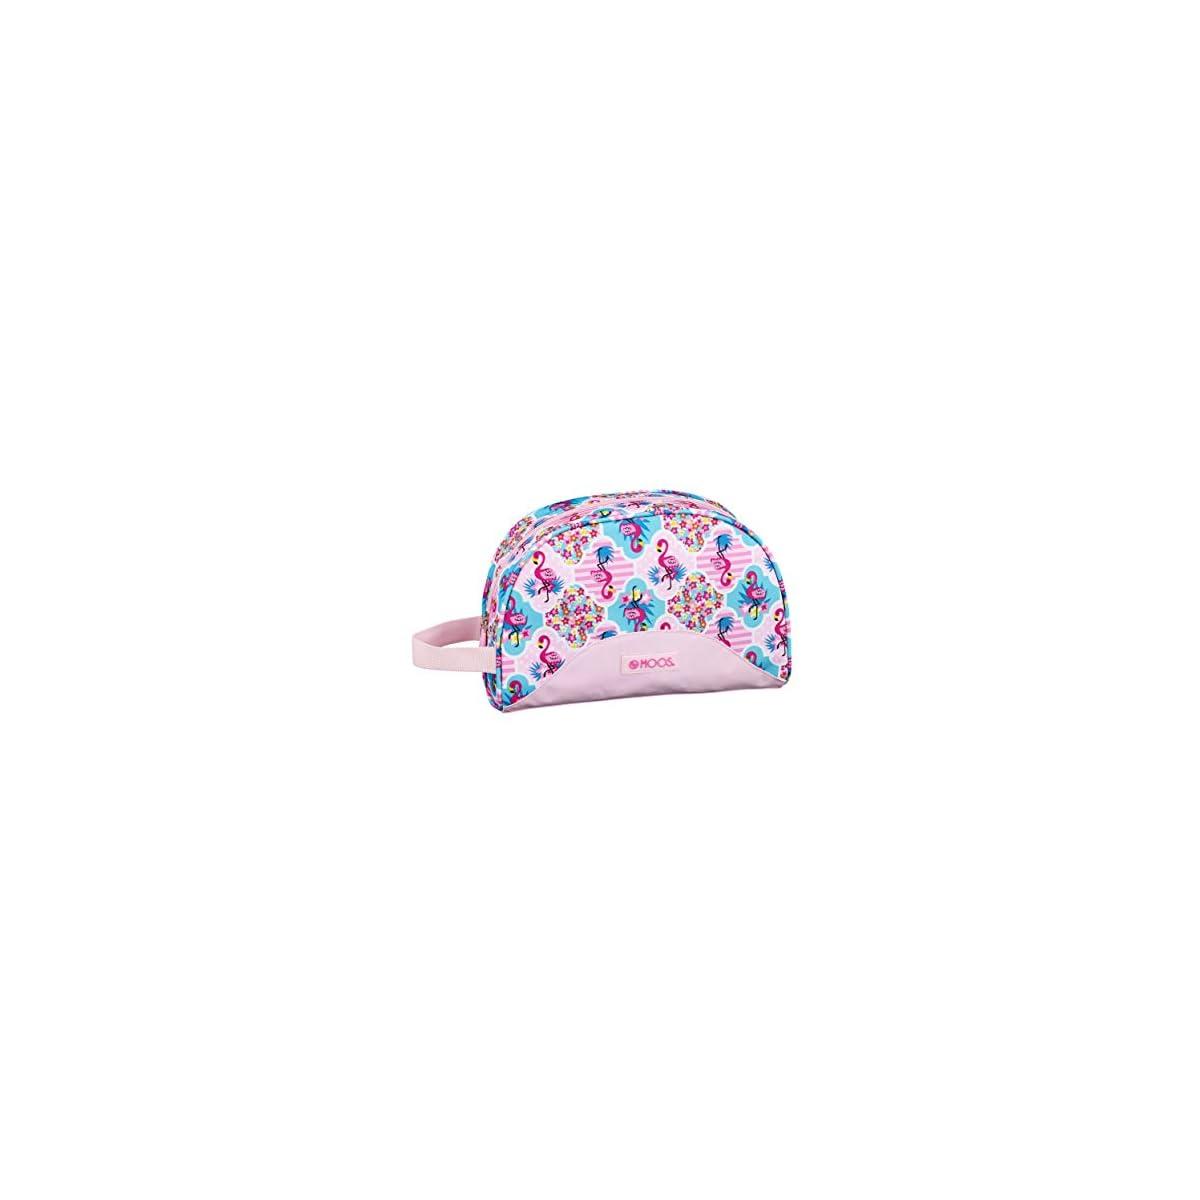 41eqjIEd8CL. SS1200  - Moos  Flamingo Pink Oficial Mochila Escolar Infantil Pequeño Con Asa 280x100x180mm